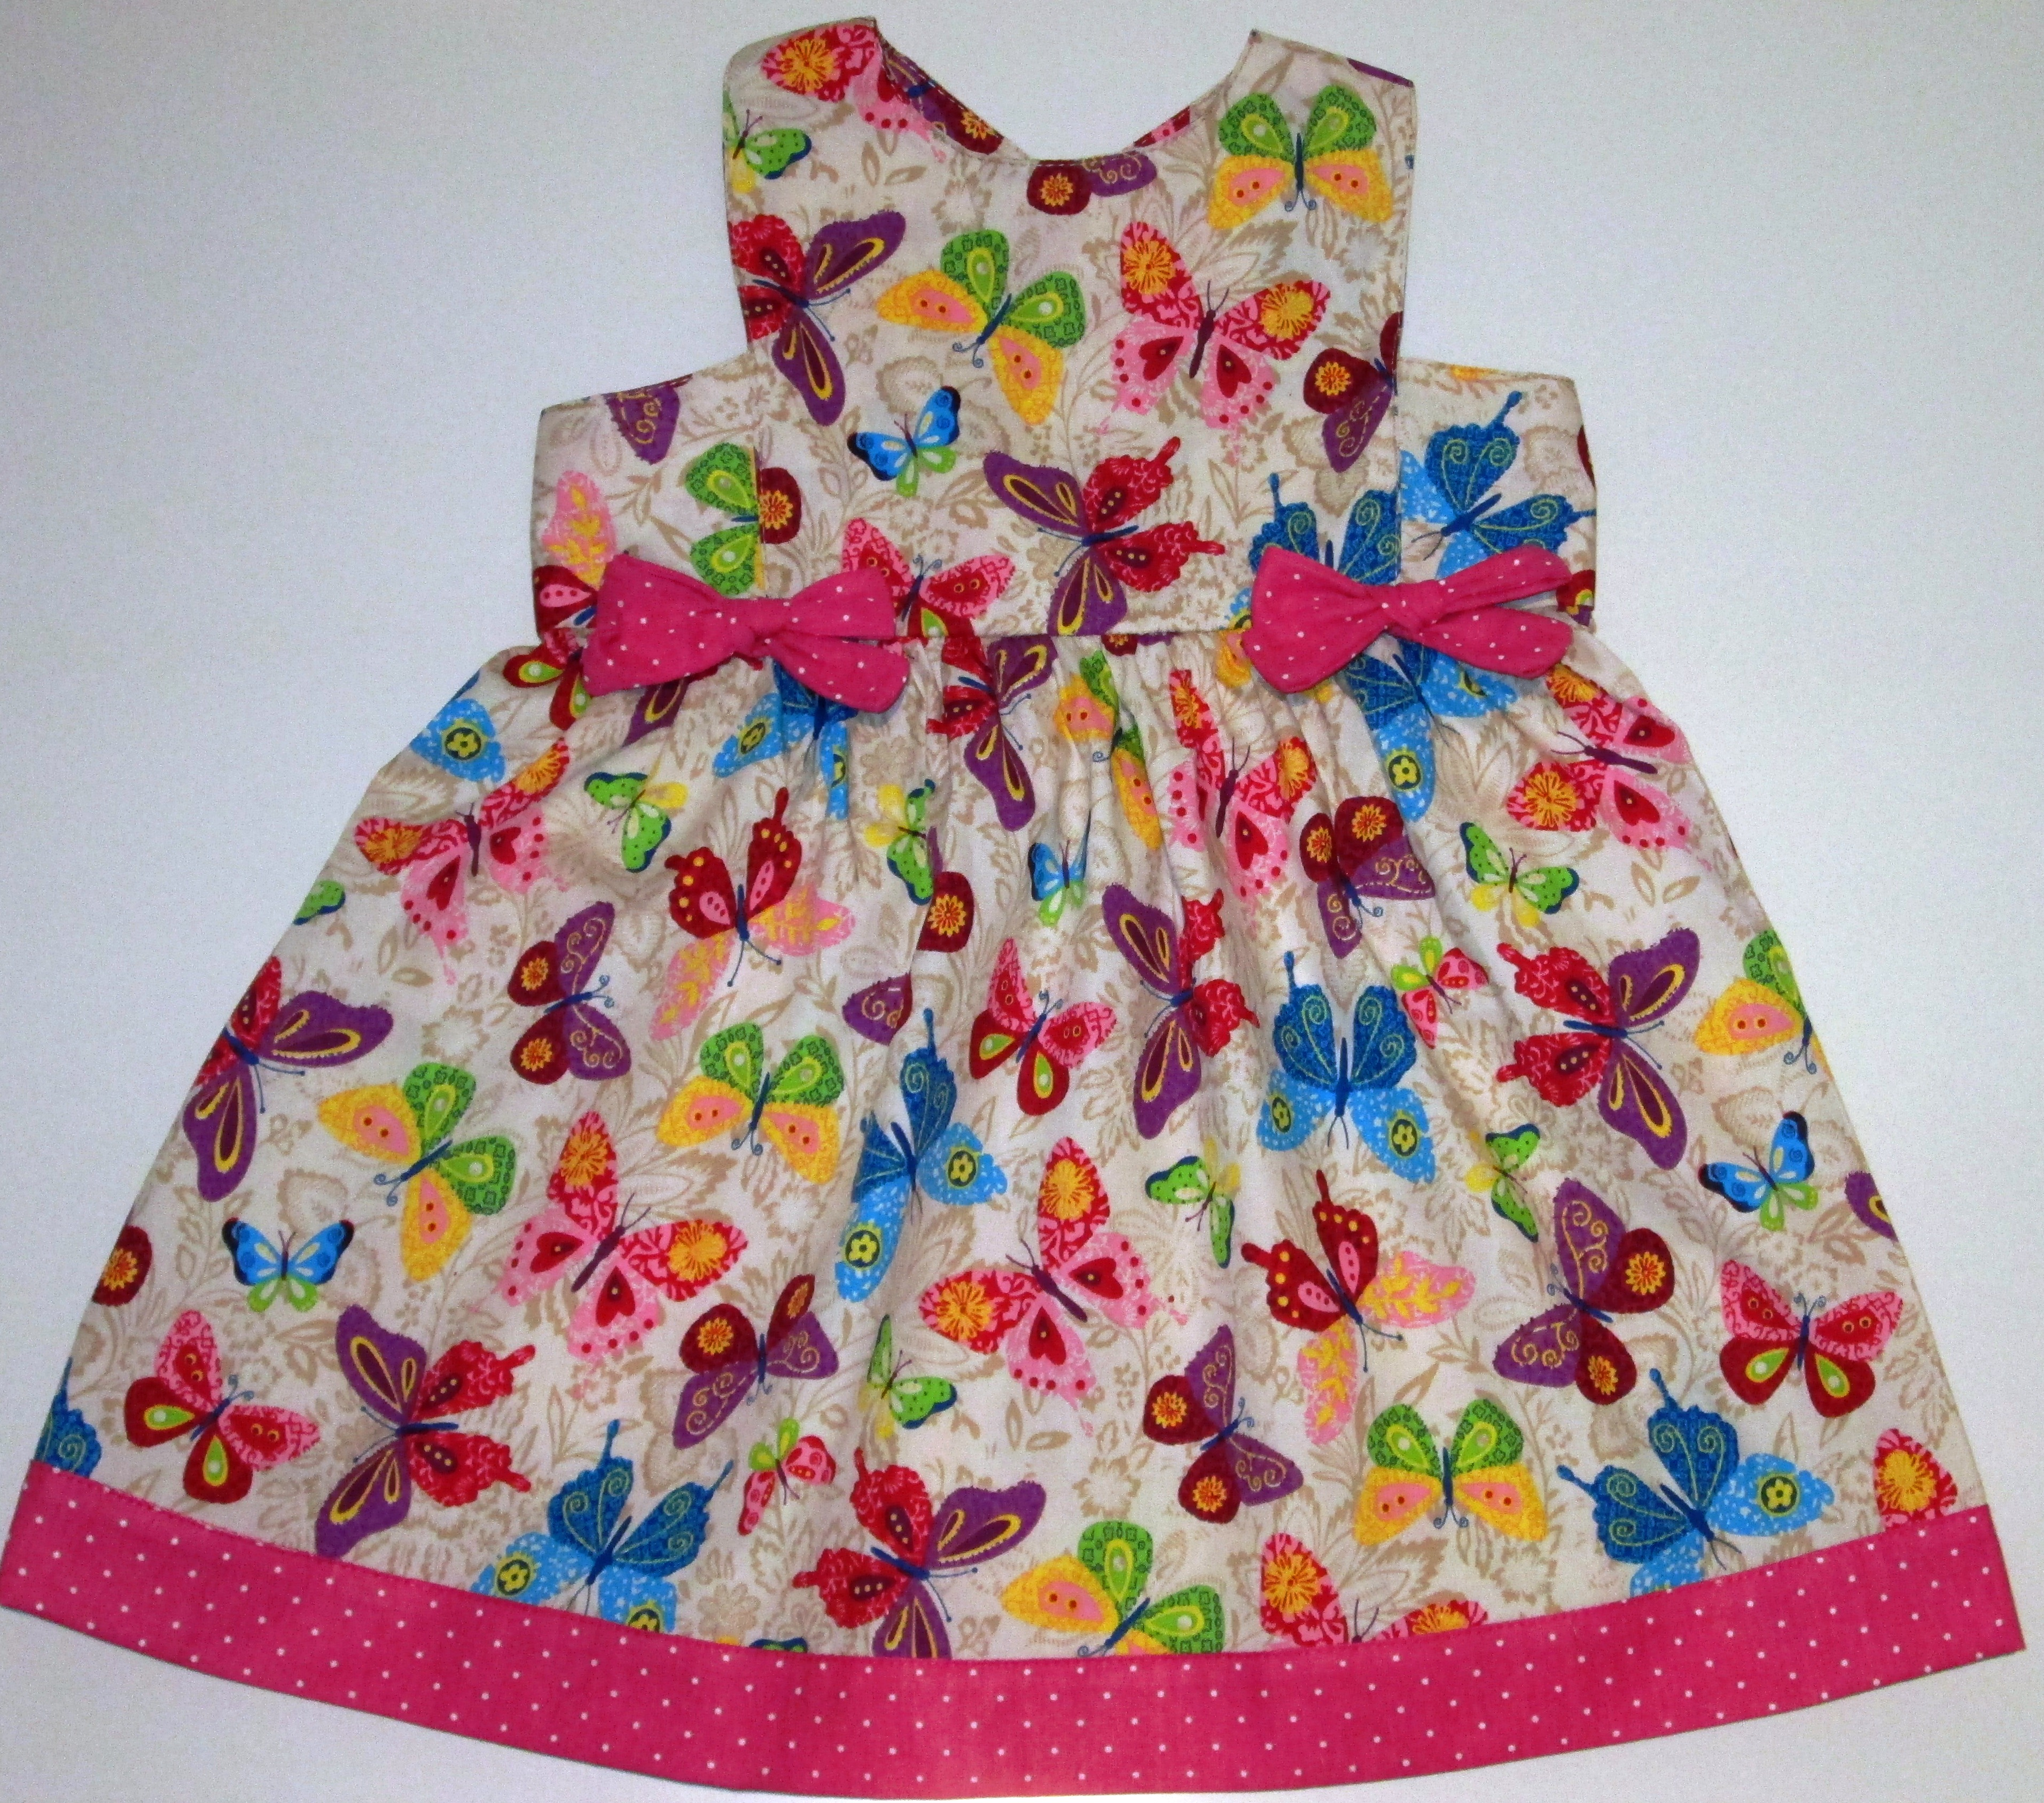 Vestido Infantil Borboletinha  12e40ba5b05b